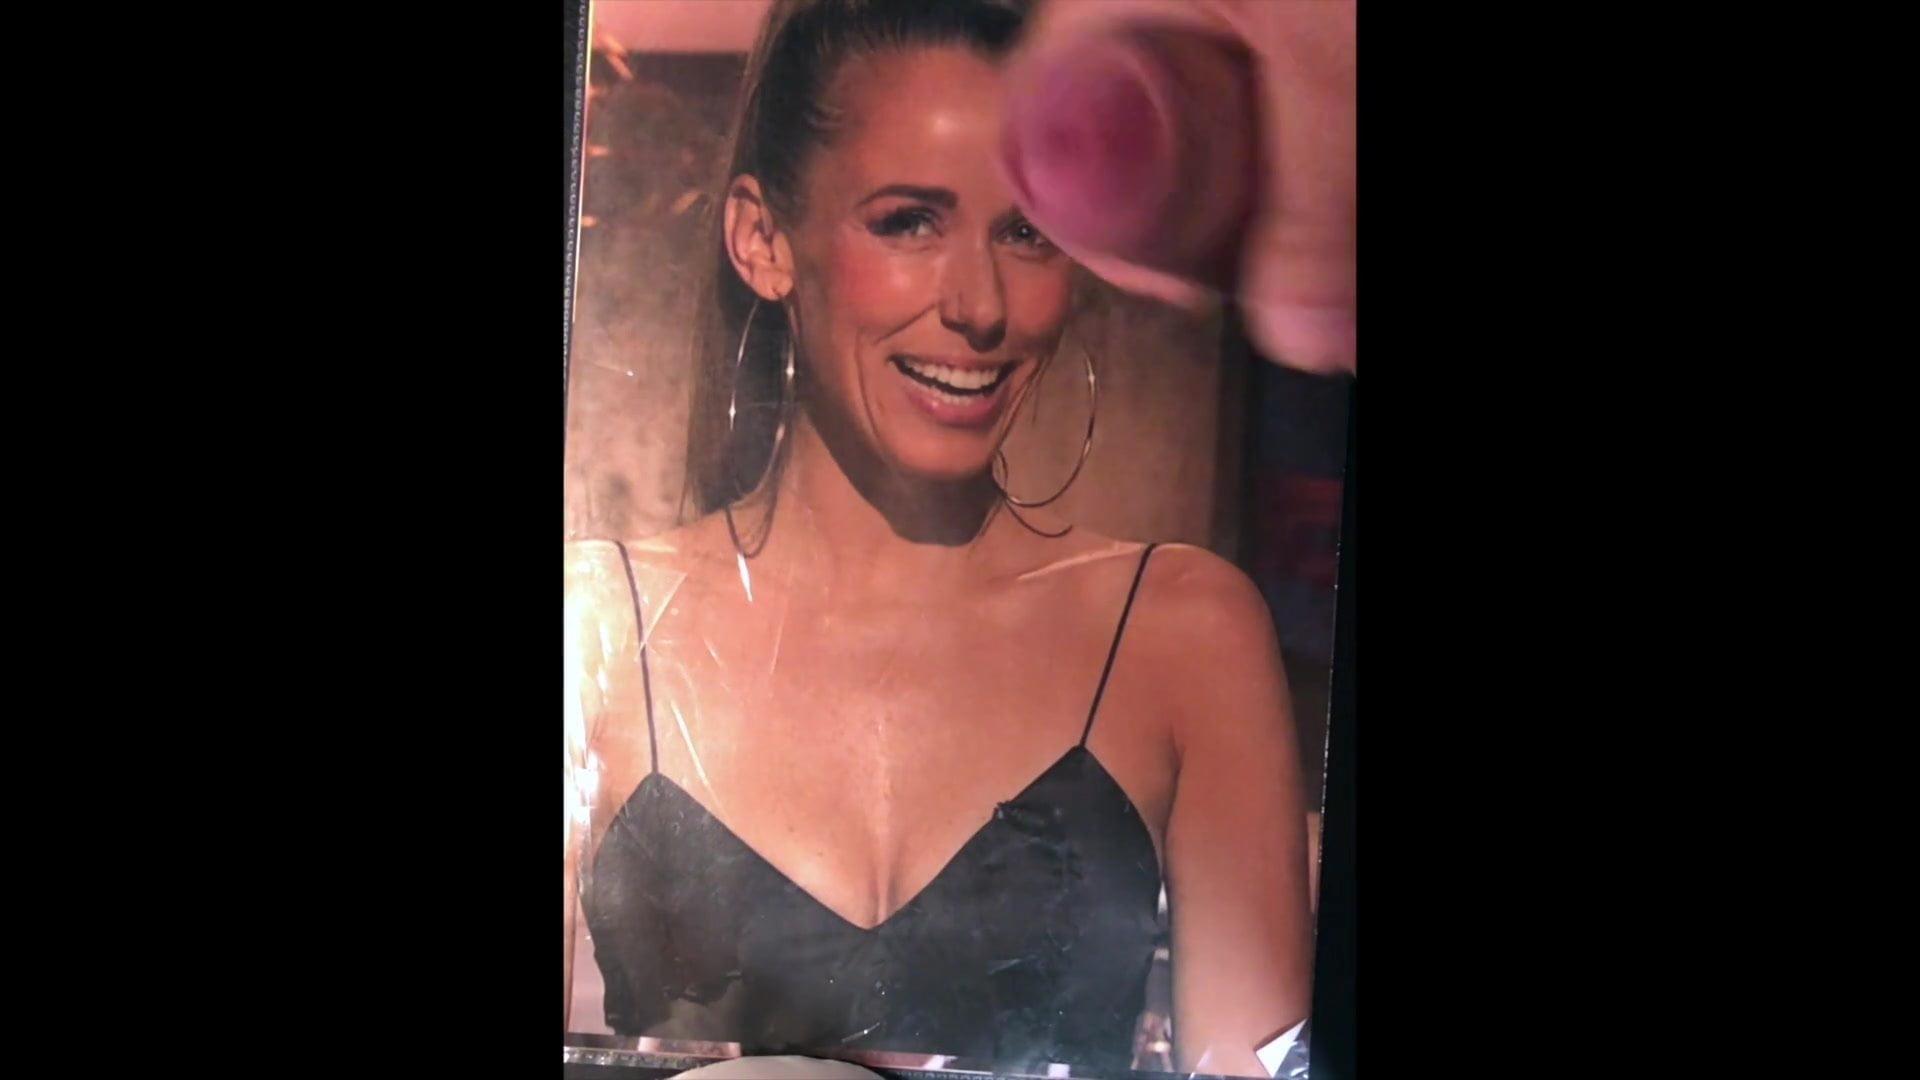 Annemarie warnkros nackt